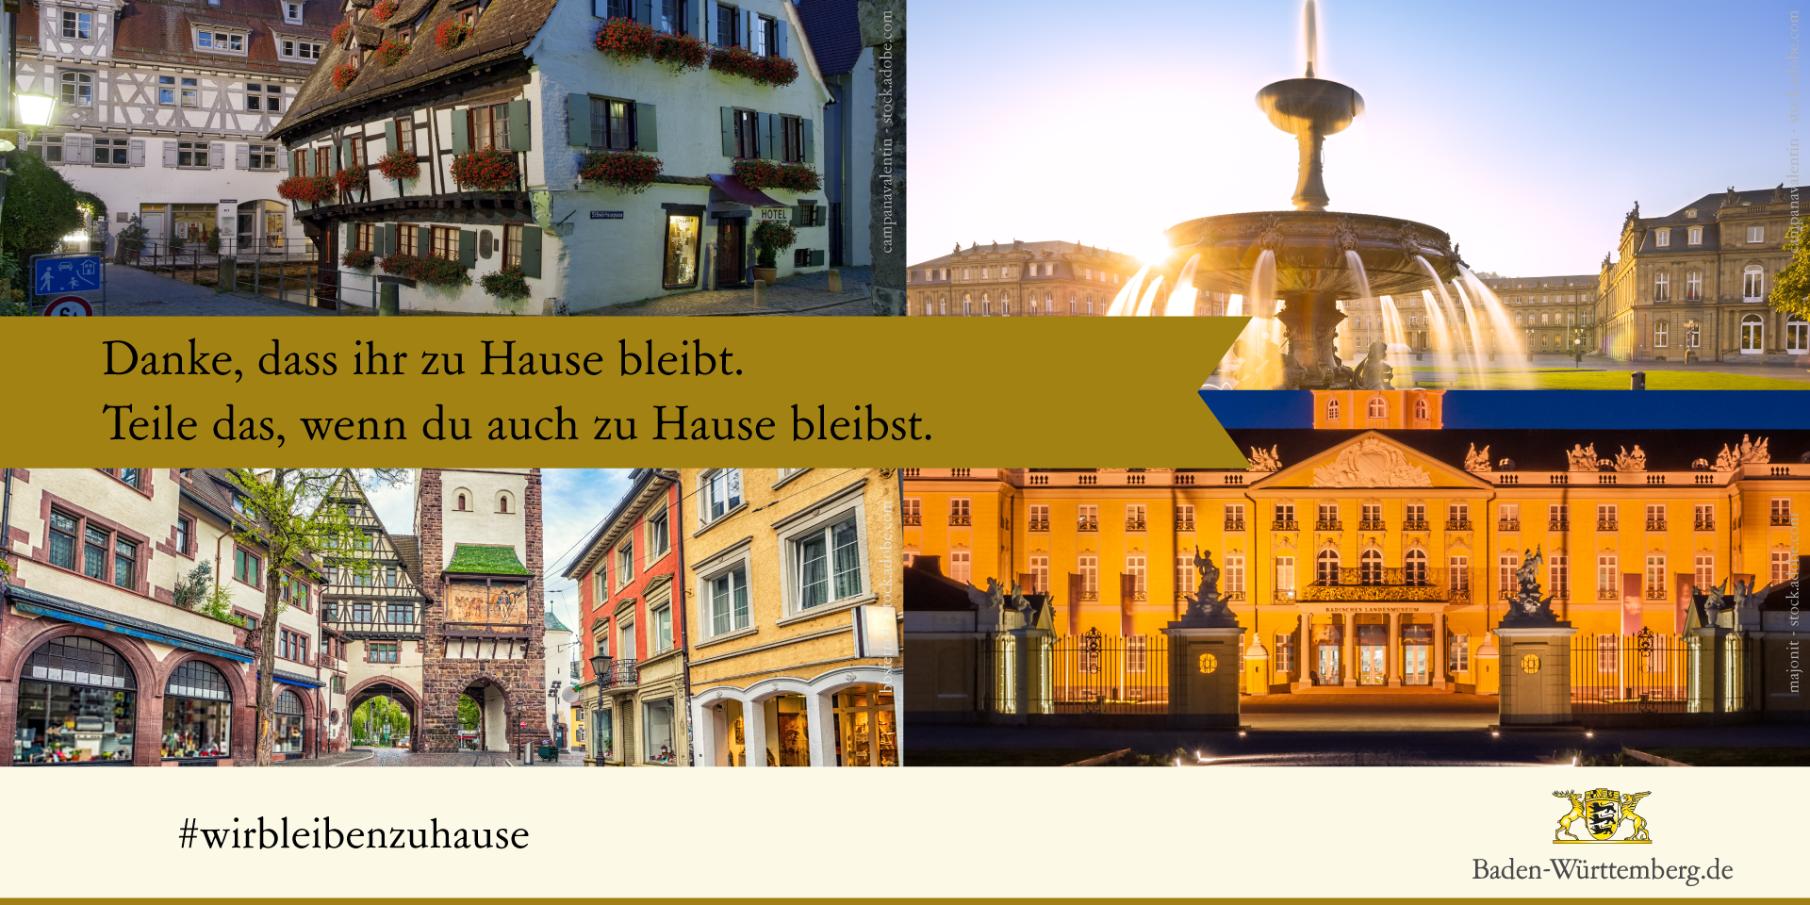 Zu sehen sind Bilder aus Ulm, Stuttgart, Freiburg und Karlsruhe mit dem Text: Danke, dass ihr zu Hause bleibt. Teile das, wenn du auch zu Hause bleibst. #<a href=